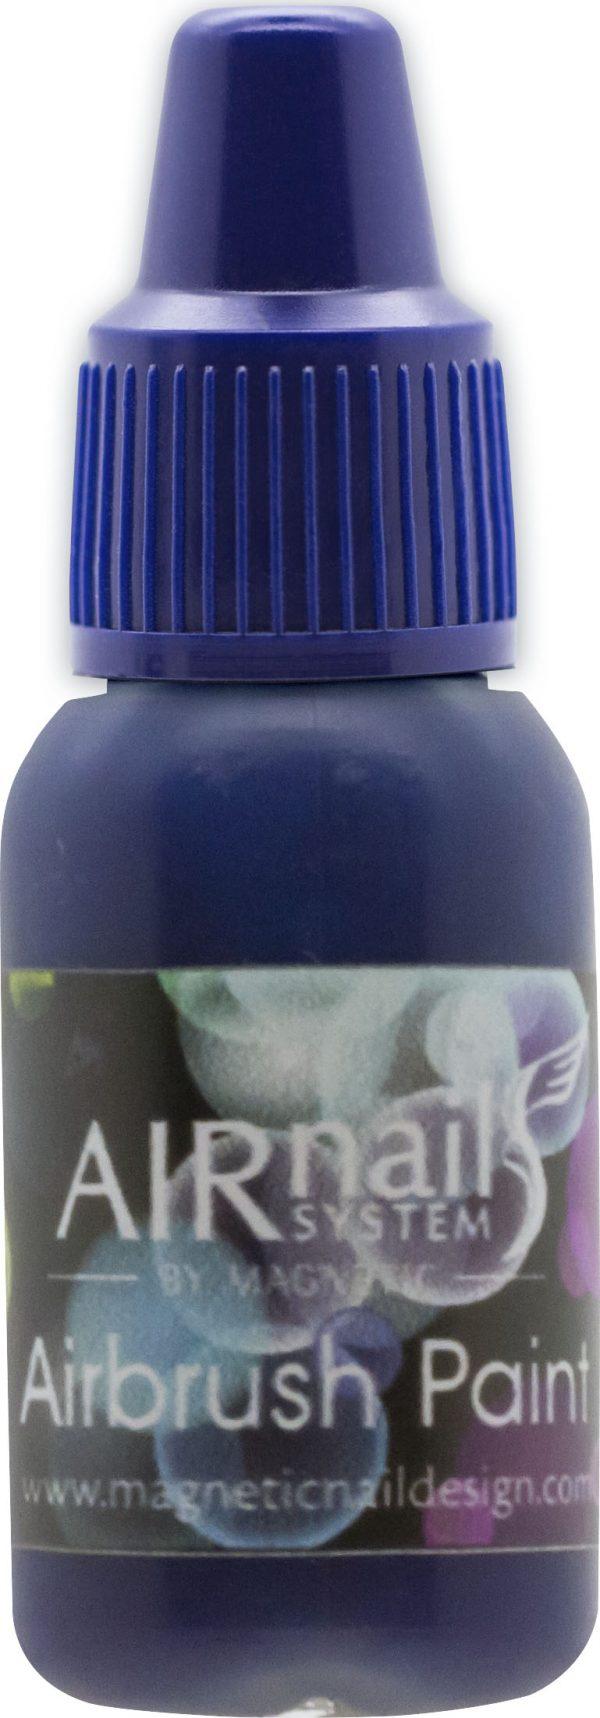 AirNails Paint Blue 4 10ml